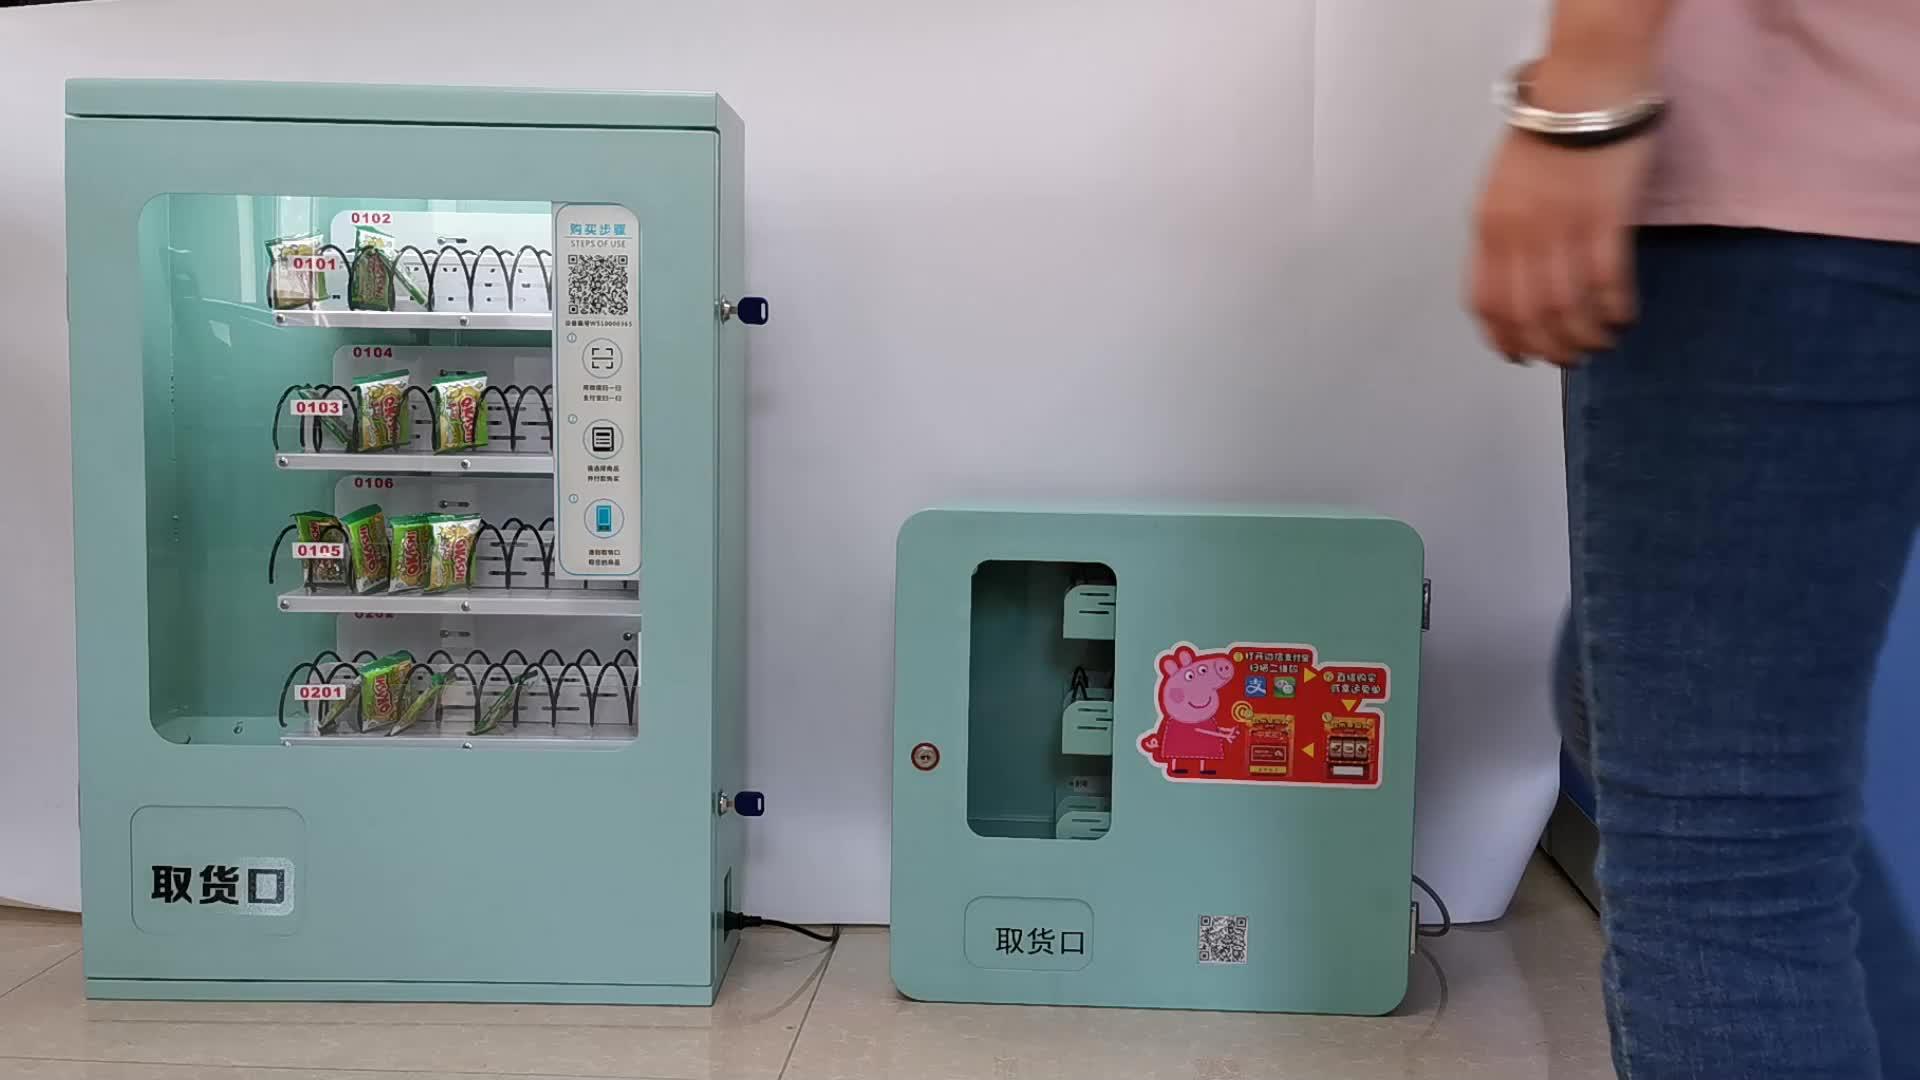 सस्ते दीवार mountable मिनी छोटे माल के लिए कंडोम वेंडिंग मशीनों नैपकिन सिगरेट खिलौना ऊतक